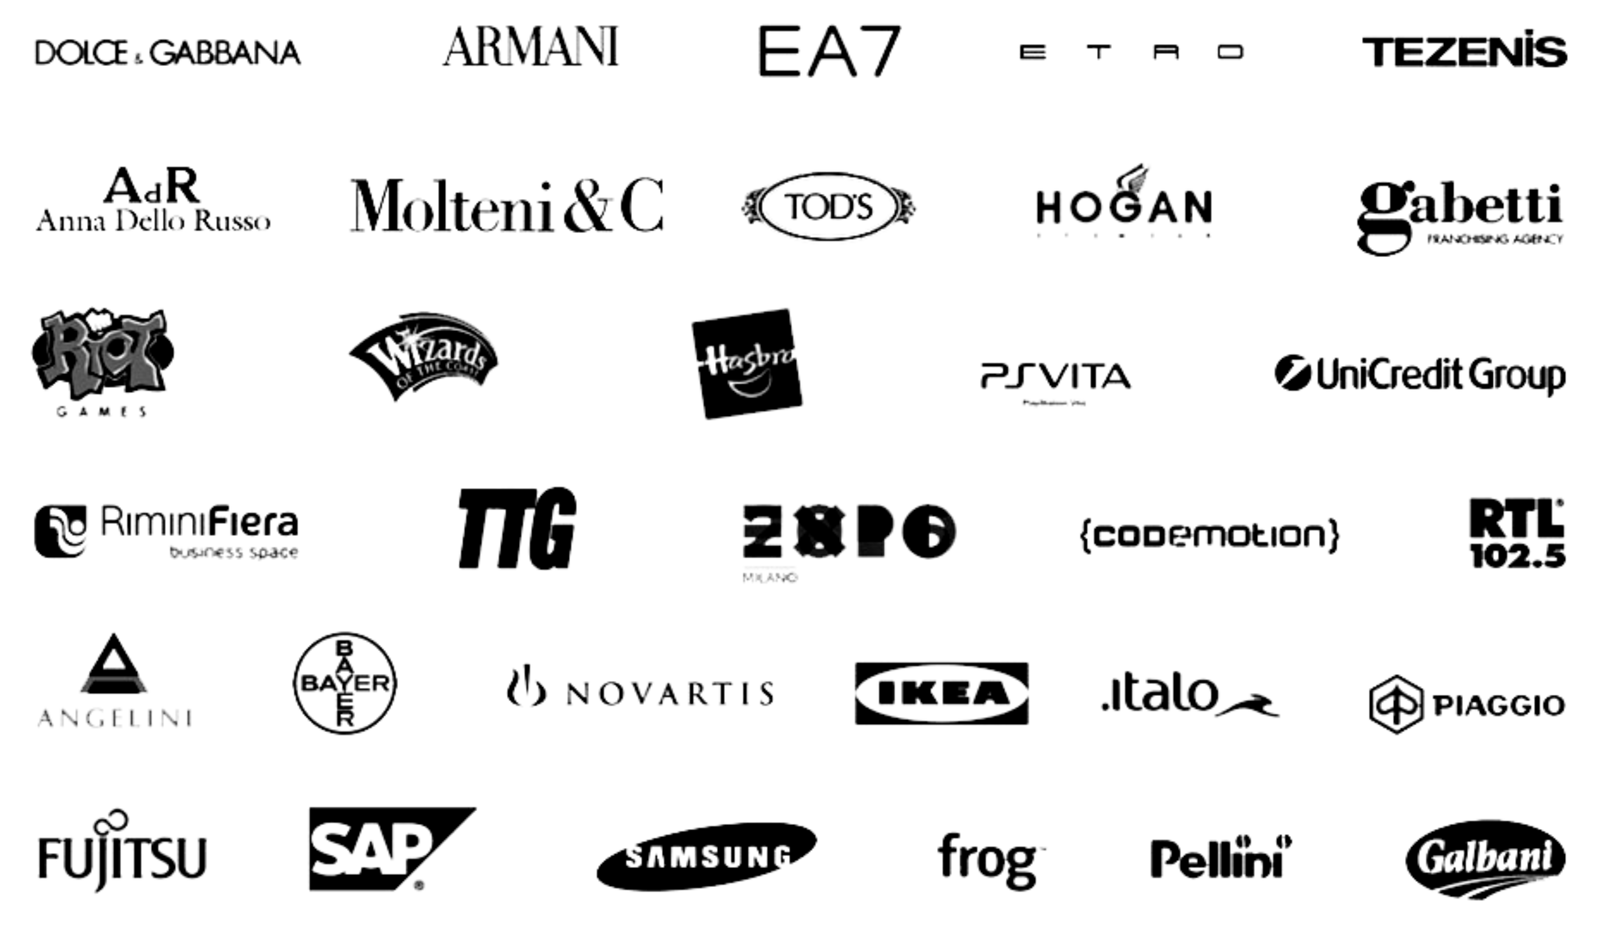 Brand and customer logos